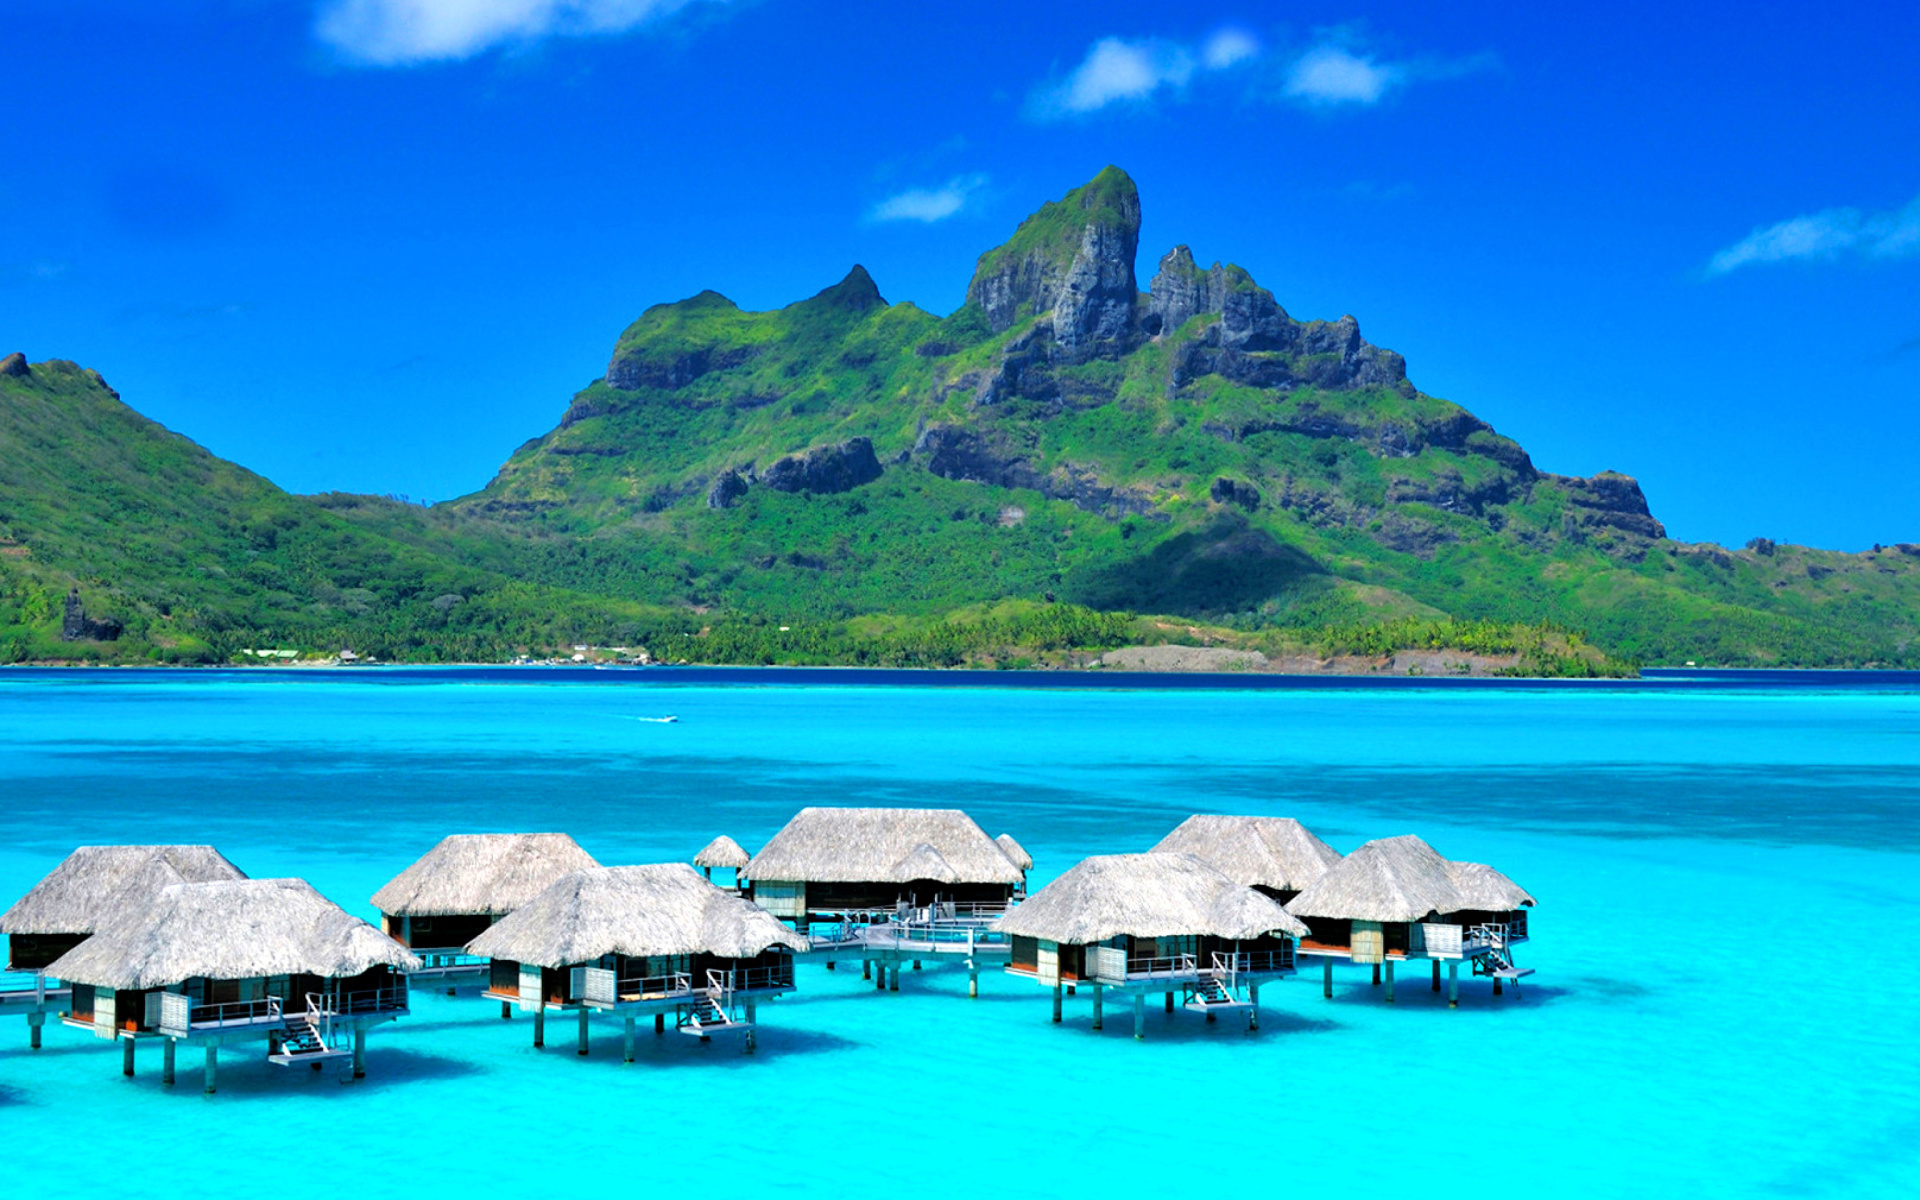 Bora bora overwater bungalow hotel sfondi gratuiti per for Immagini 1920x1080